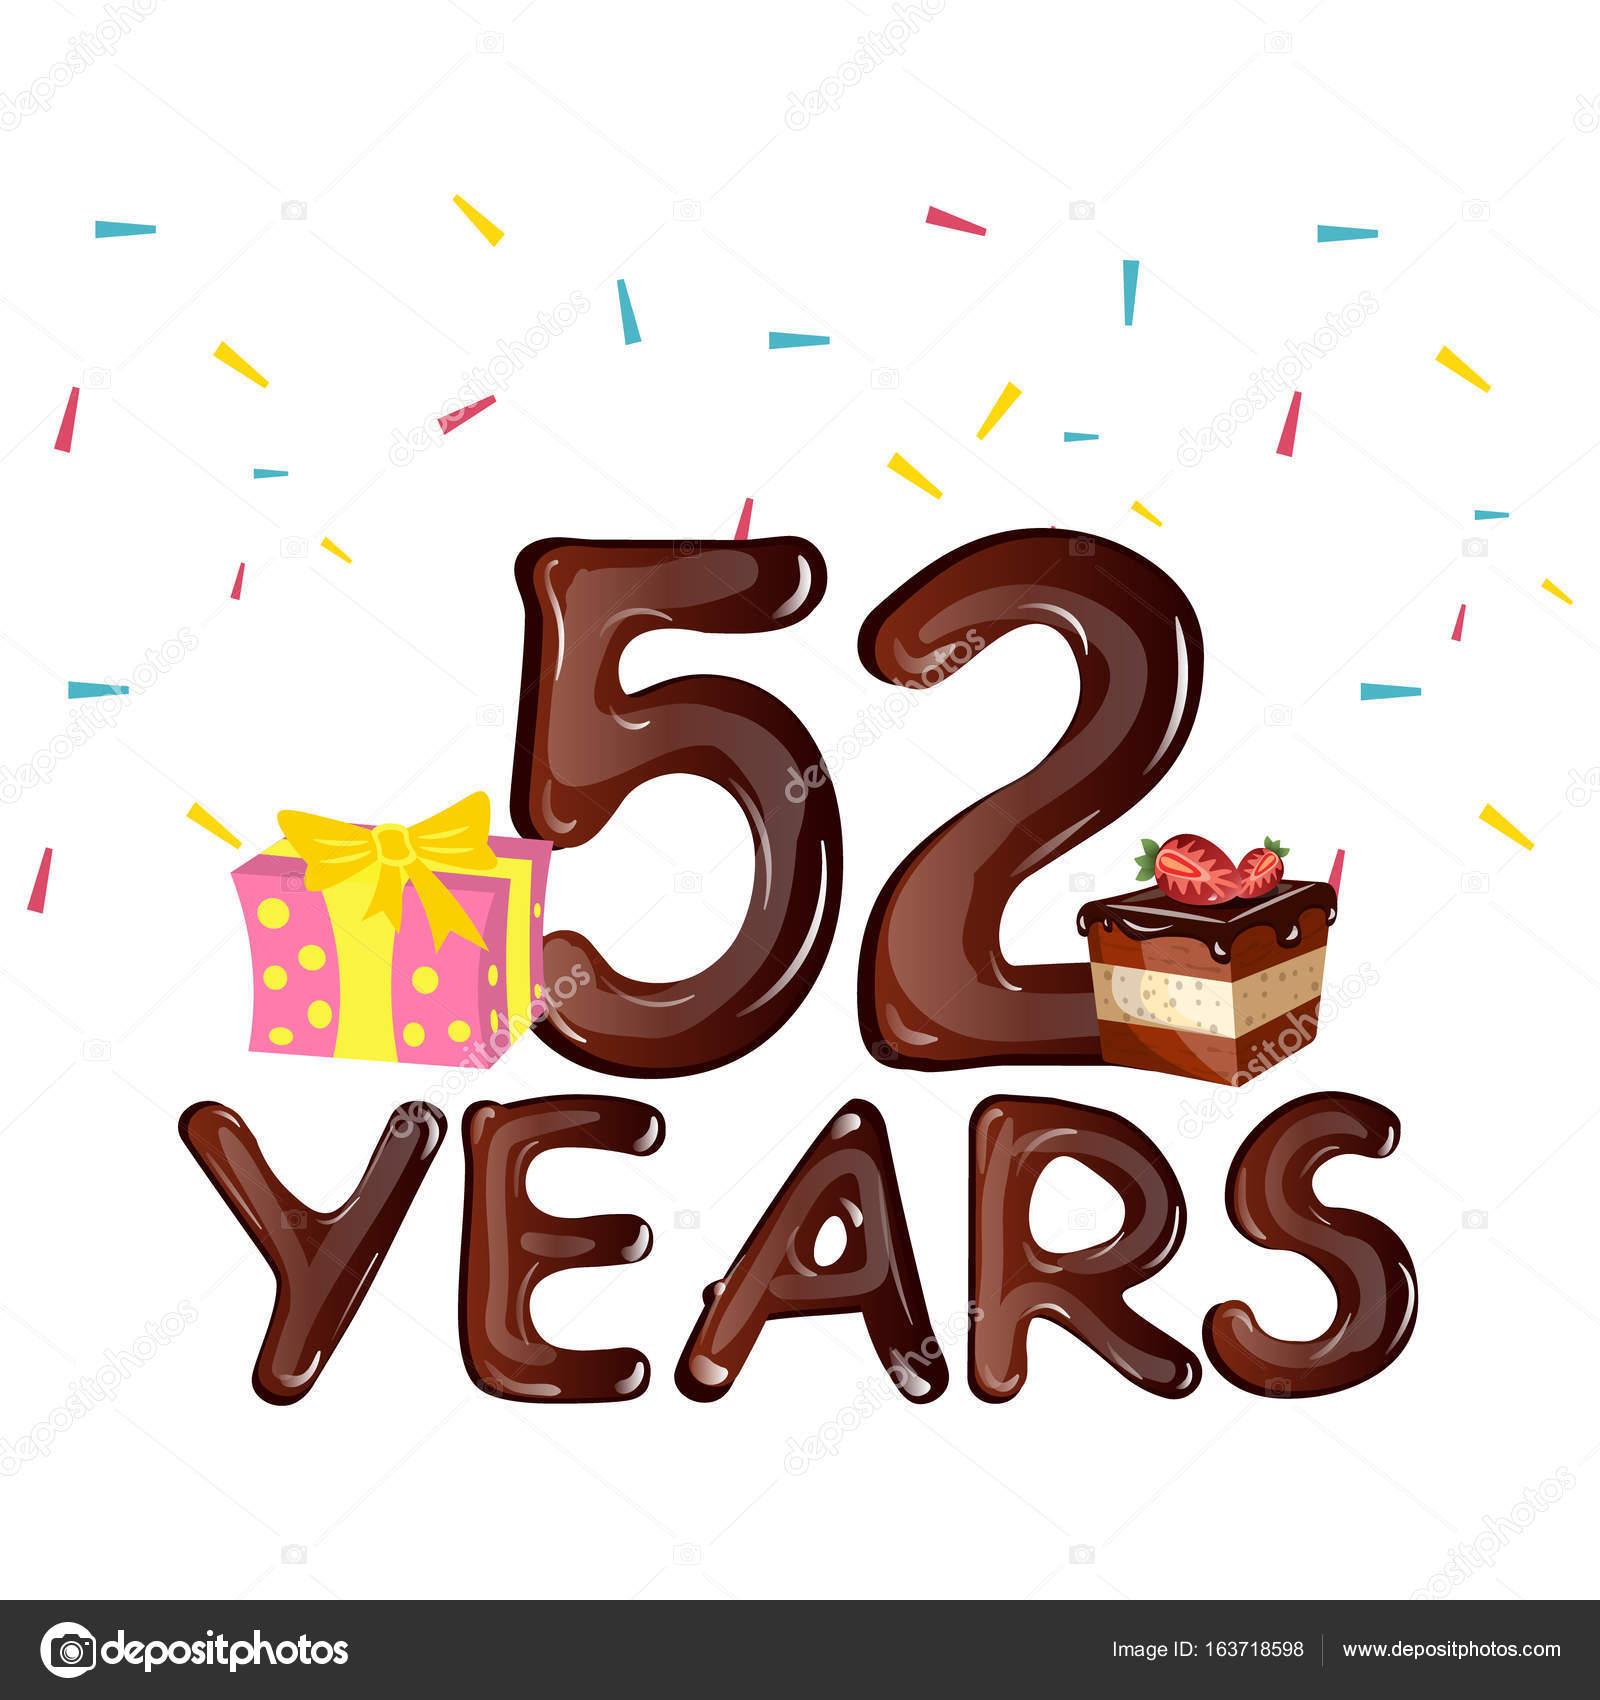 Поздравление с 52 года